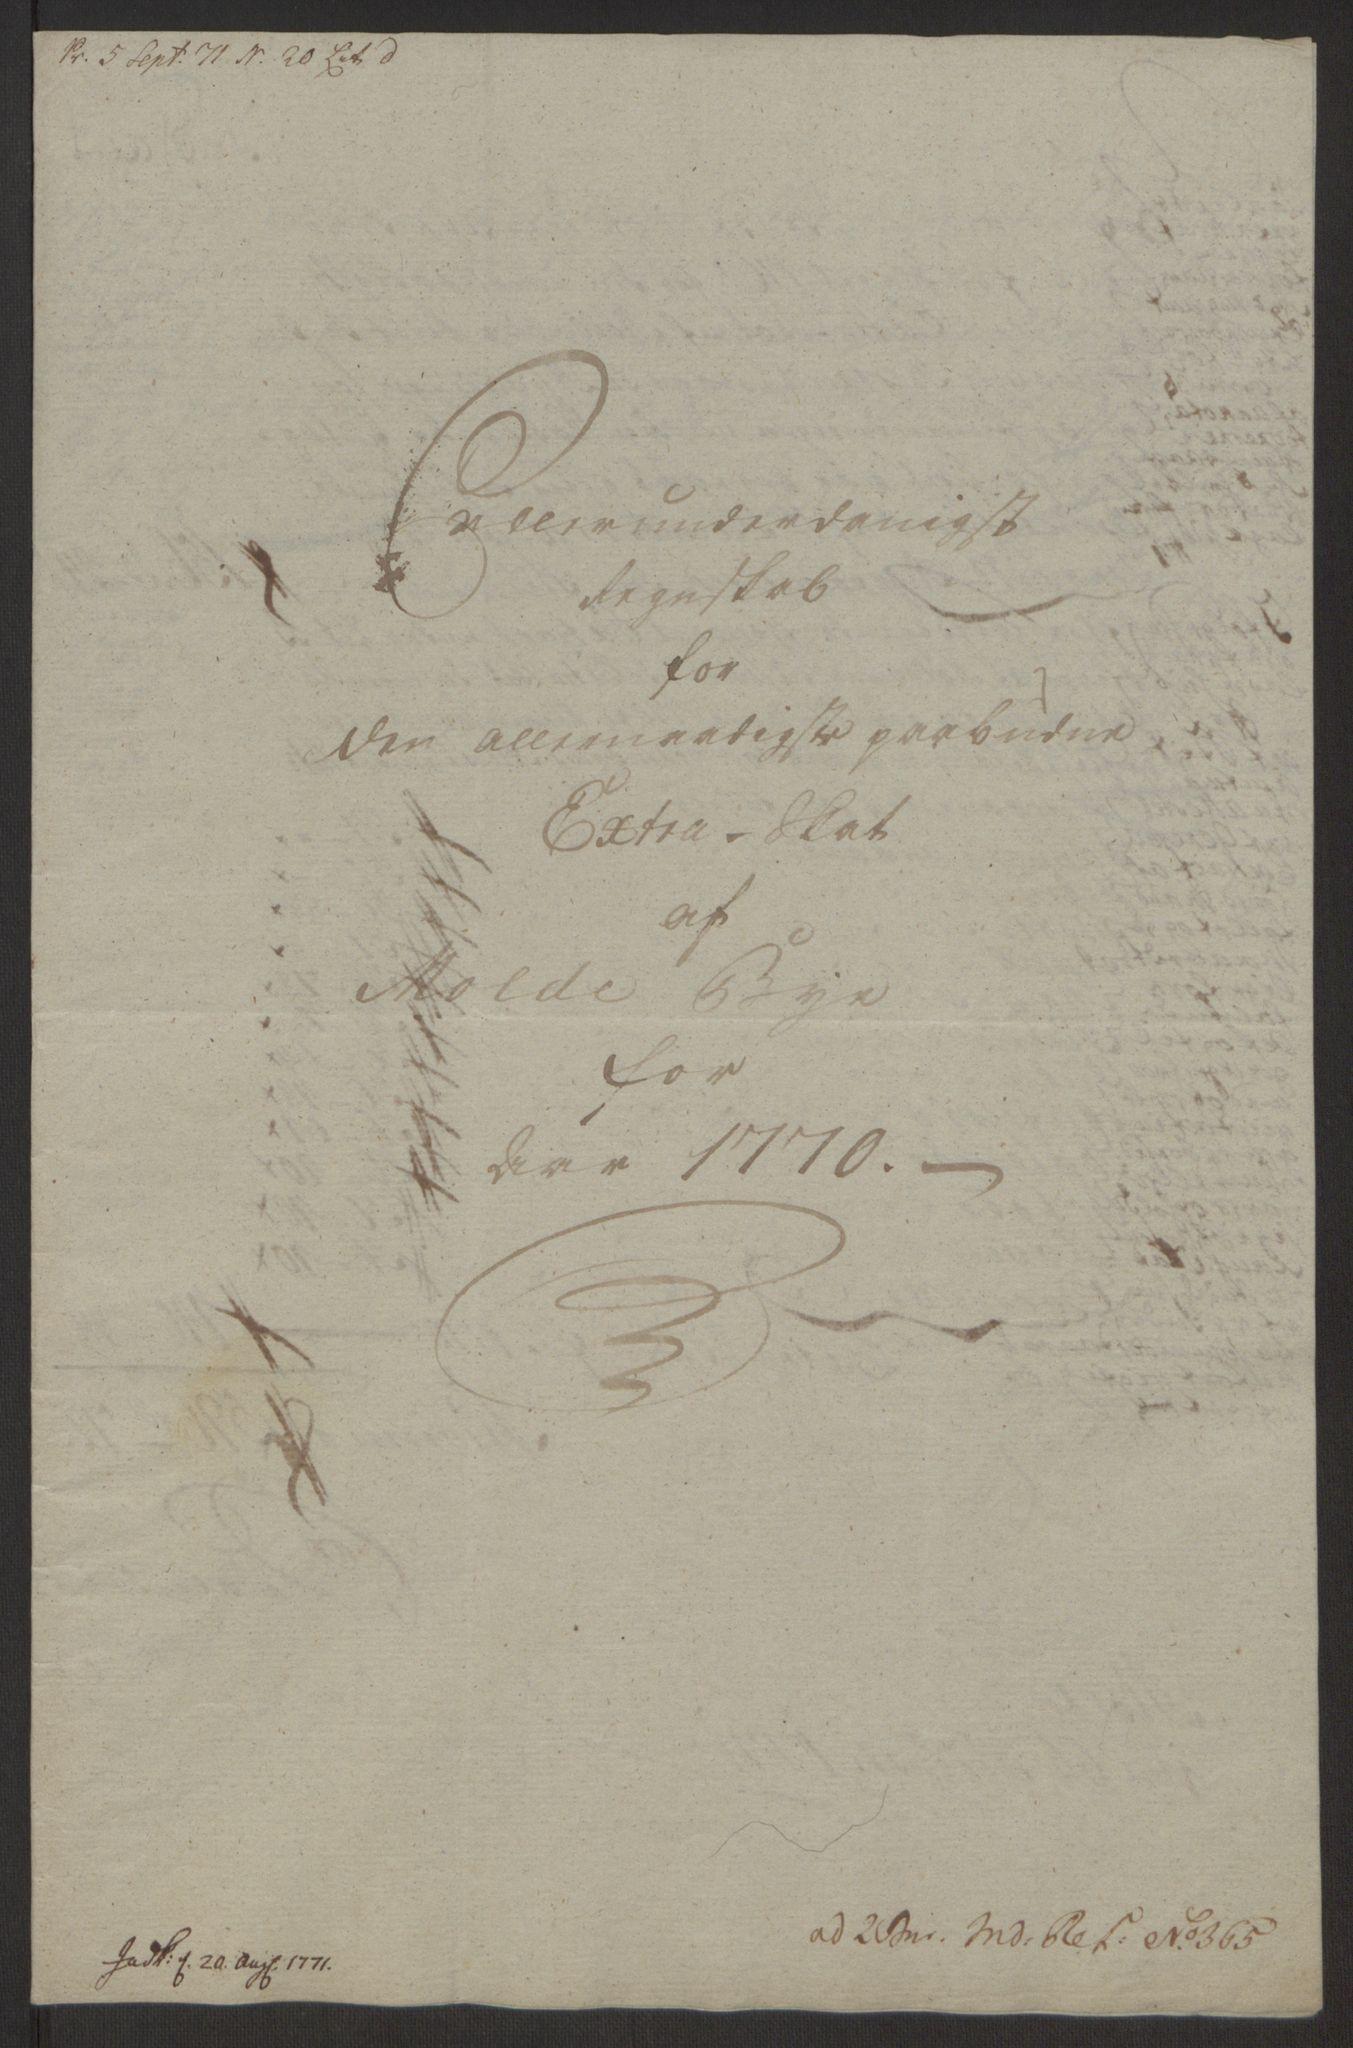 RA, Rentekammeret inntil 1814, Reviderte regnskaper, Byregnskaper, R/Rq/L0487: [Q1] Kontribusjonsregnskap, 1762-1772, s. 181